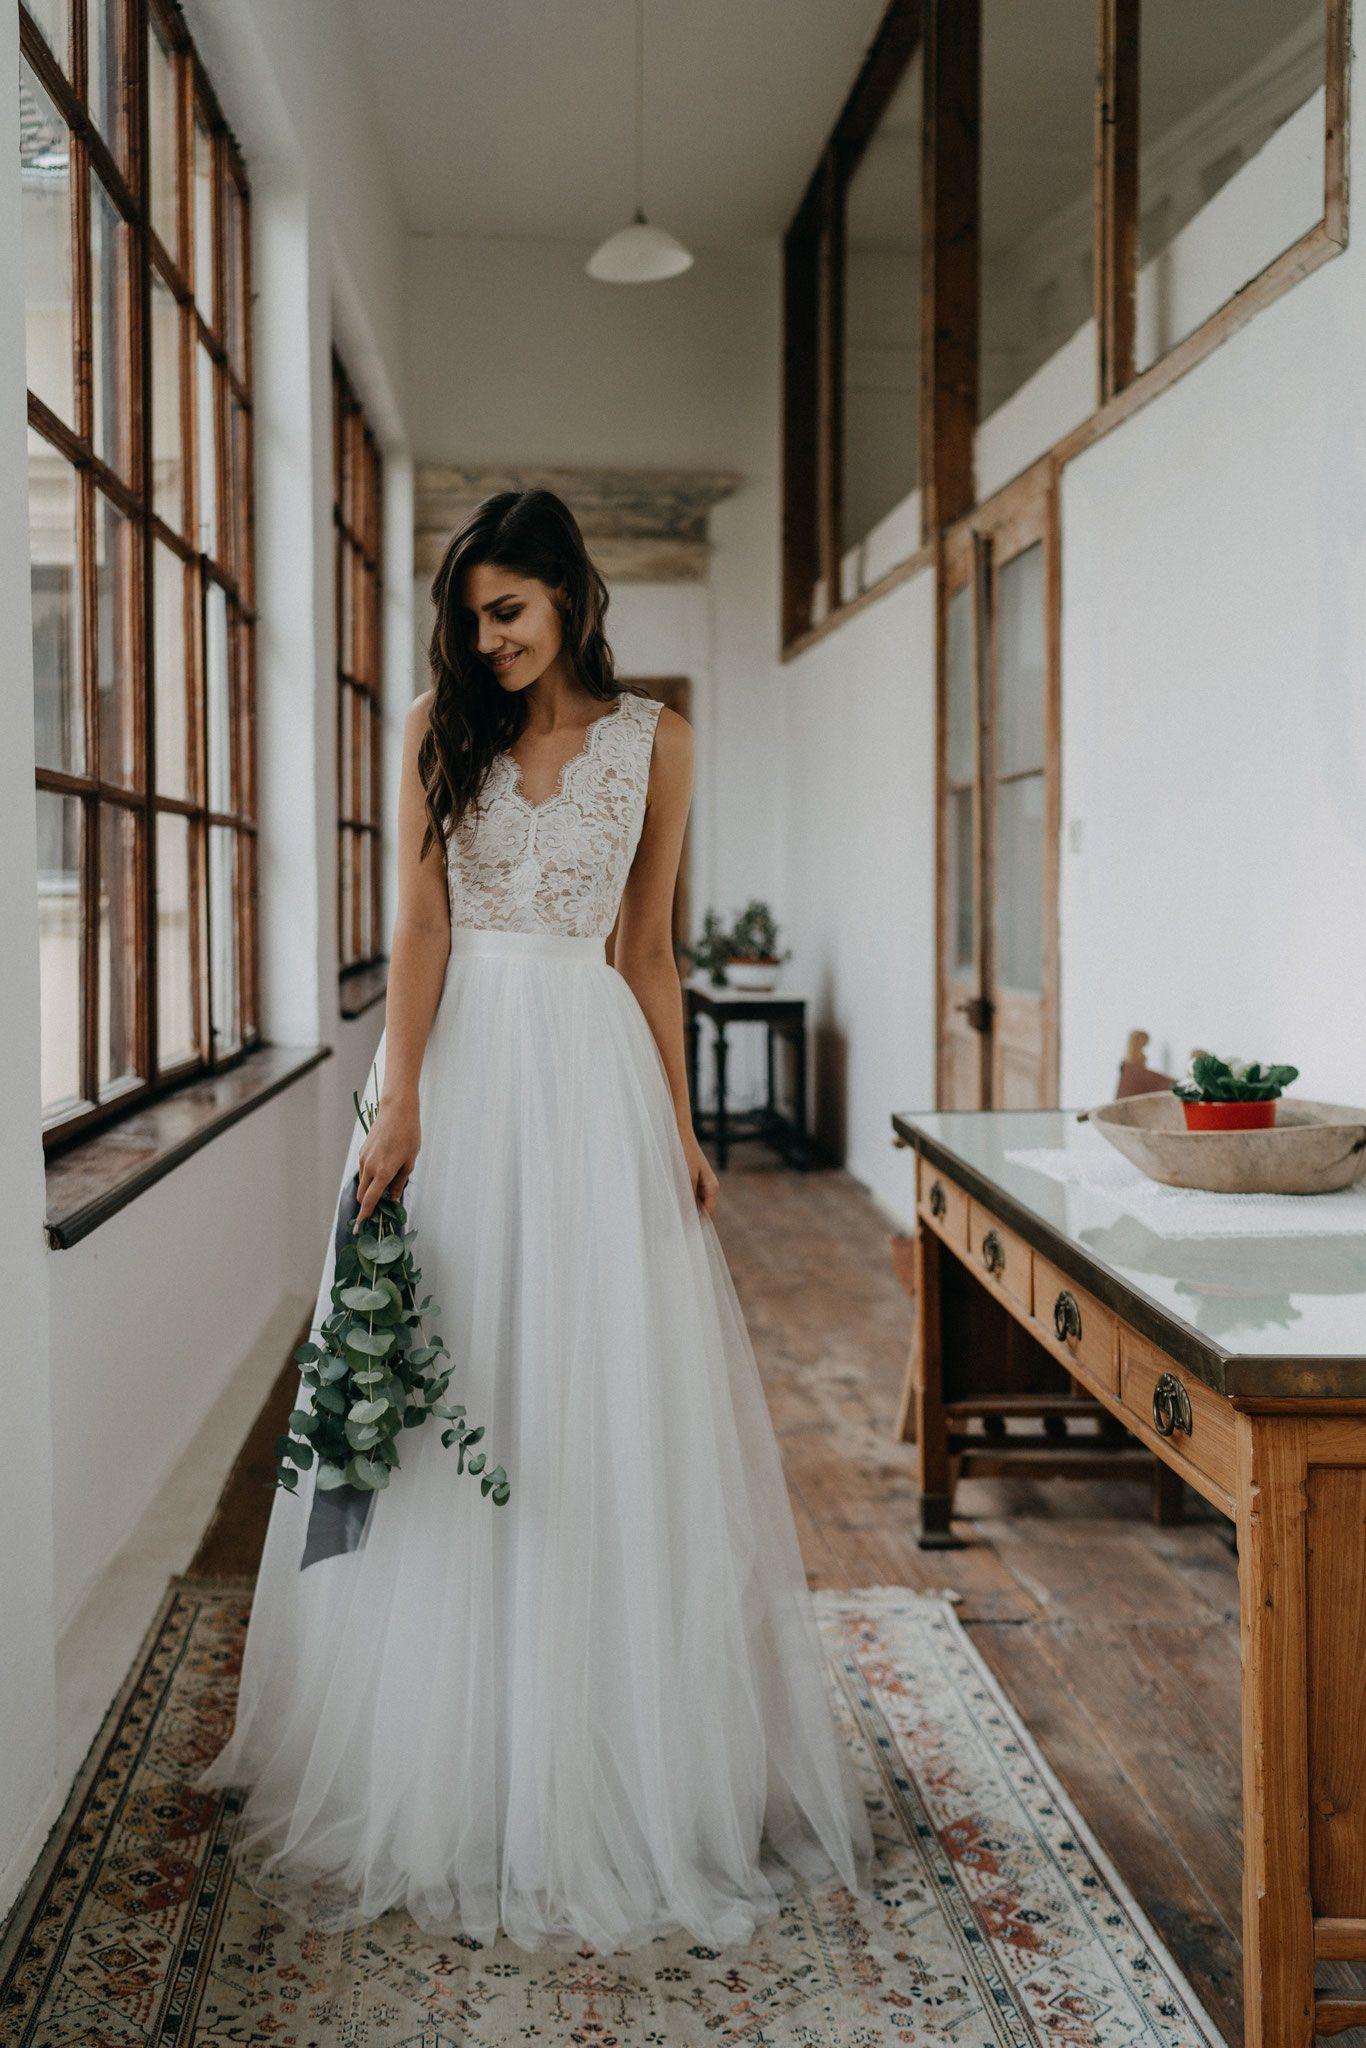 Primrose - Simone Steiner Bridal in 12  Kleider hochzeit